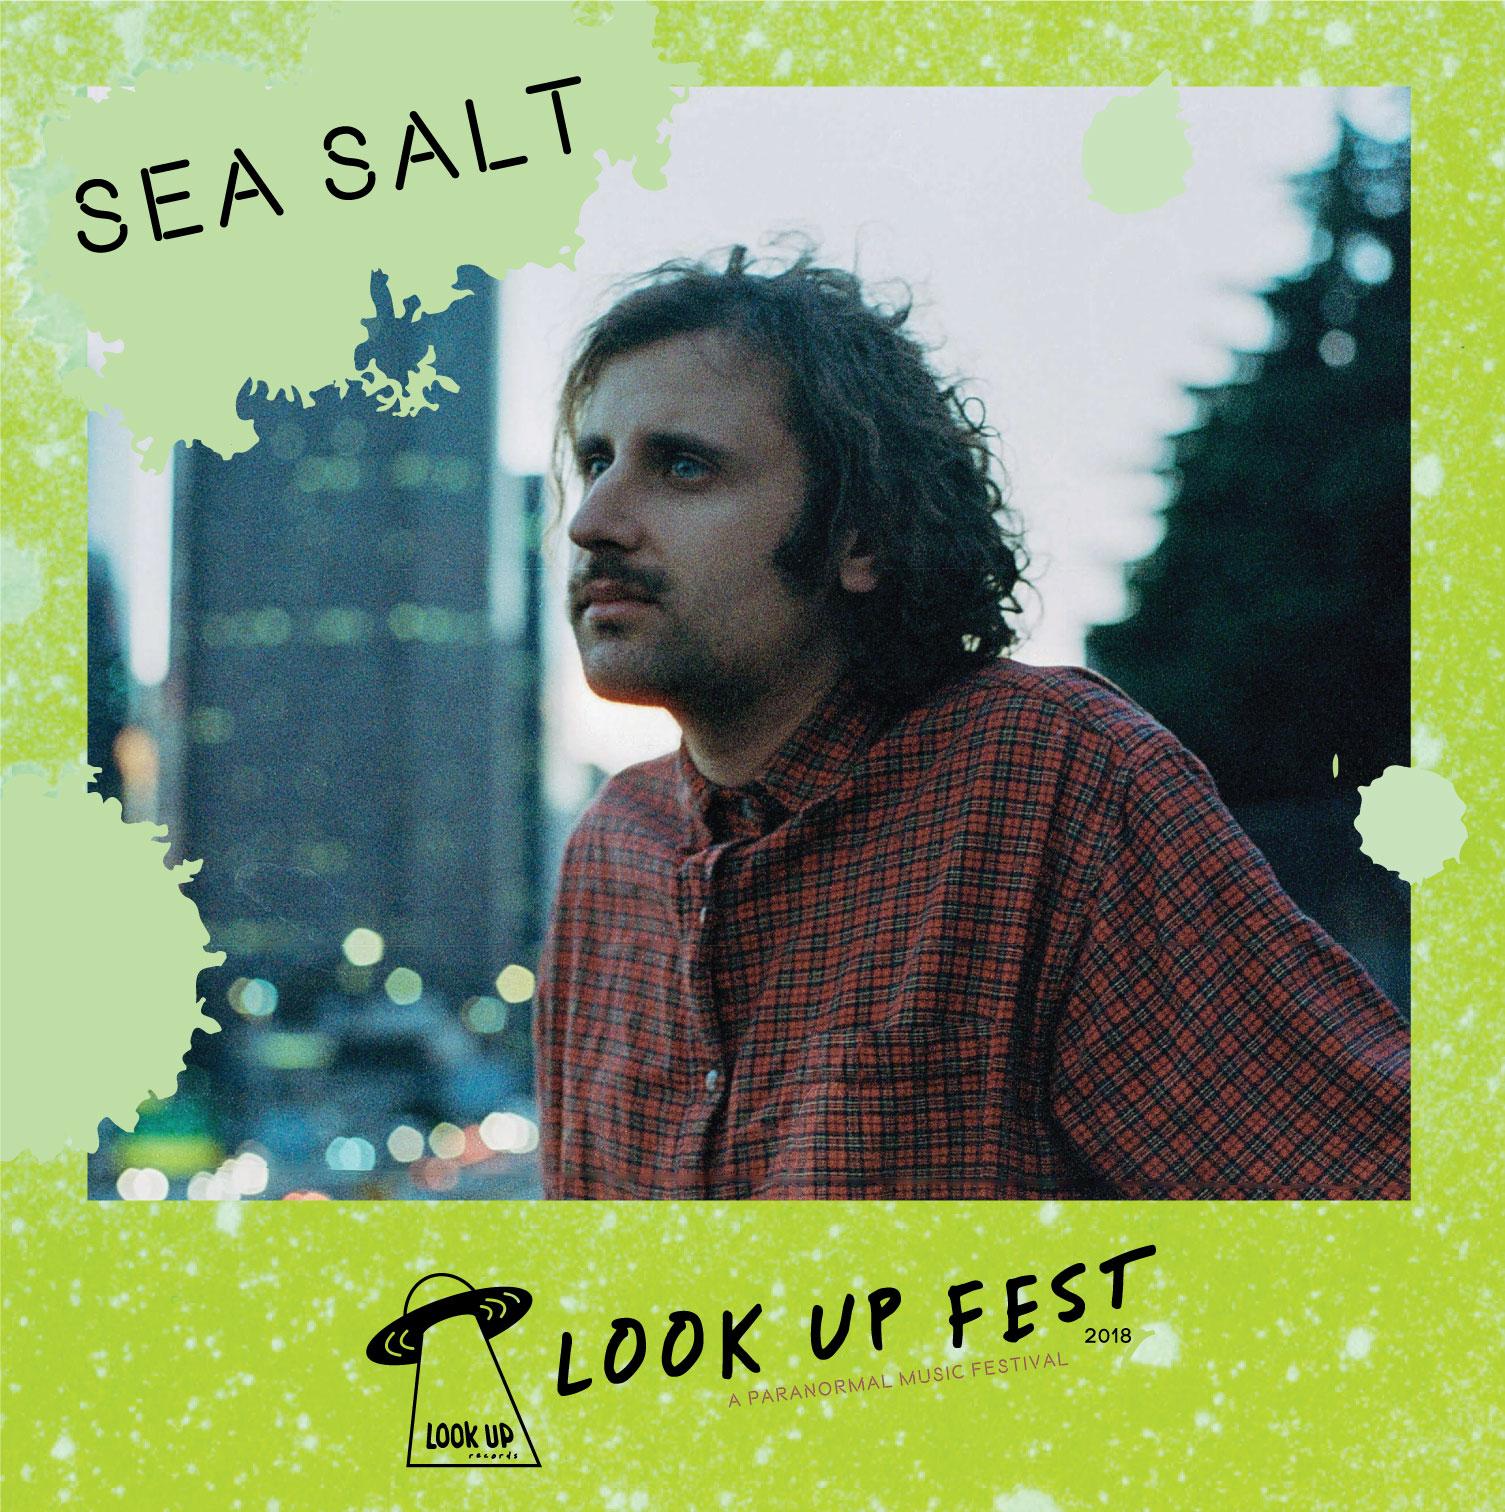 Sea-Salt-updated.jpg